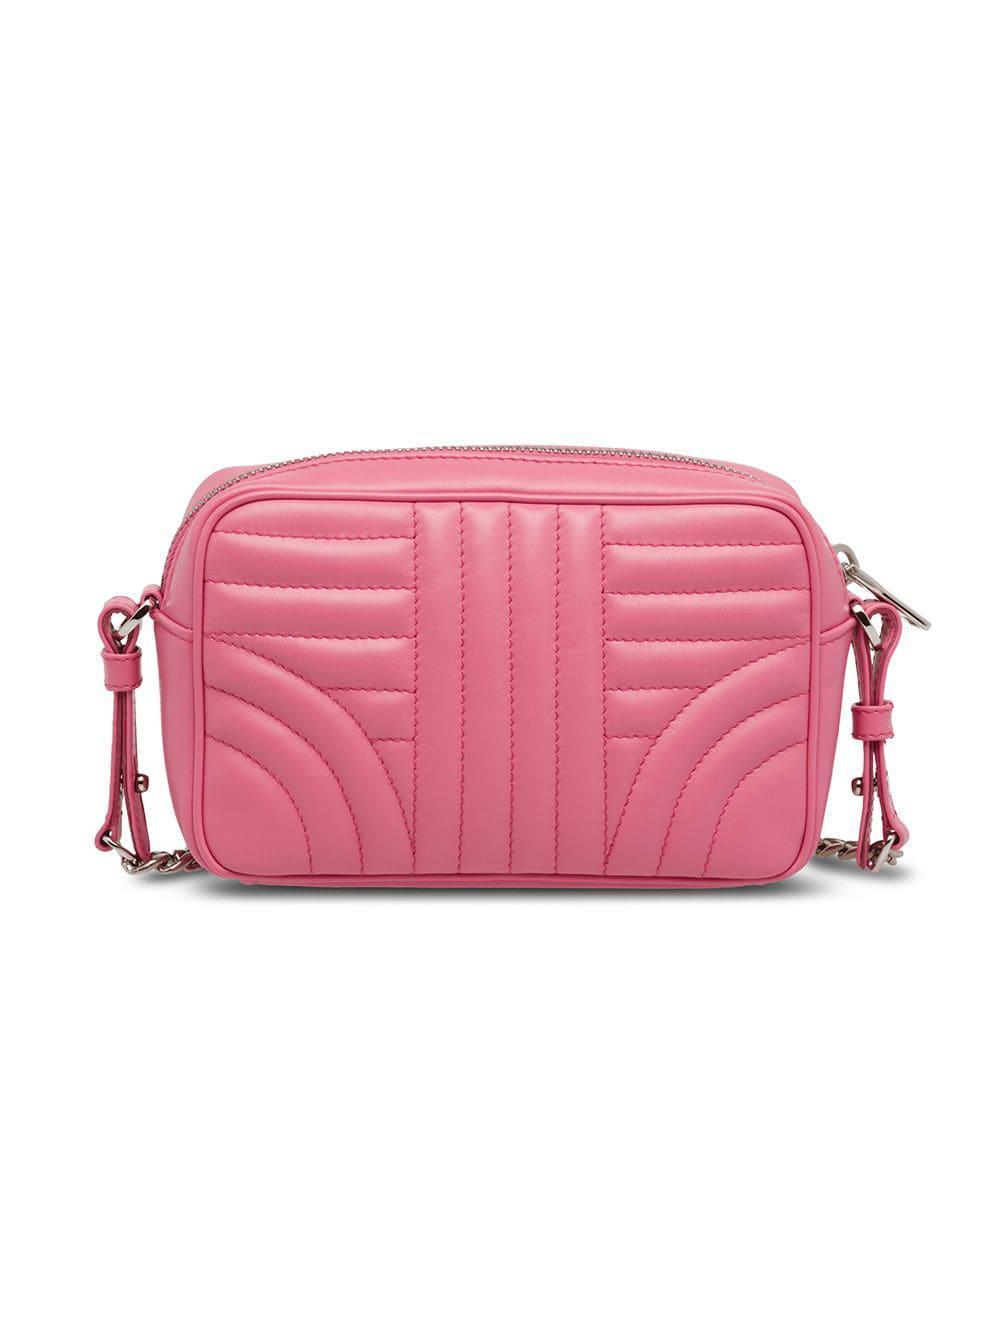 b54ccb113196 Prada - Pink Diagramme Shoulder Bag - Lyst. View fullscreen